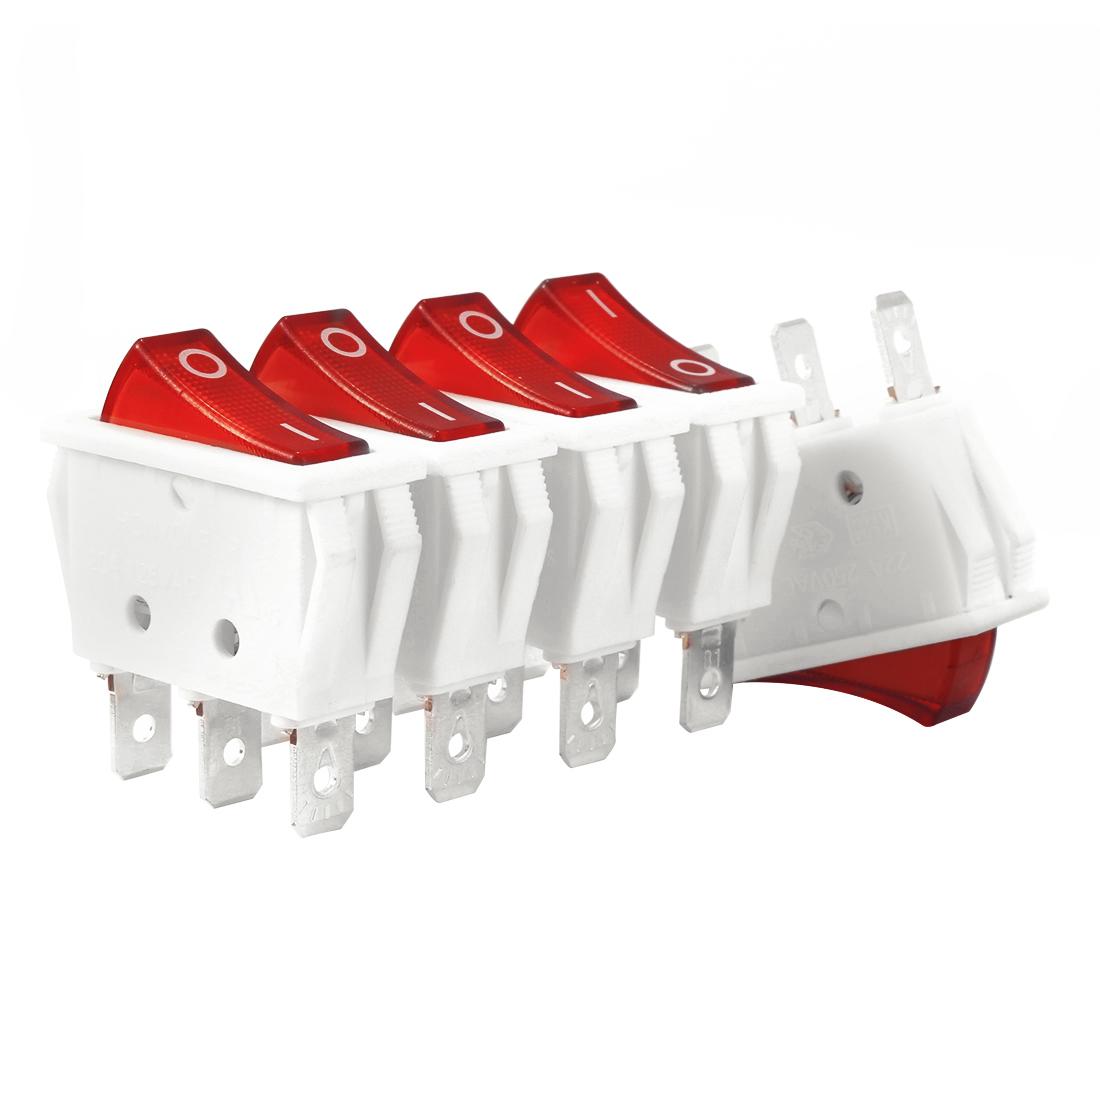 5Pcs 20A/125V 22A/250V SPST 3P 2 Position Red Light Boat Rocker Switch UL Listed - image 3 of 4